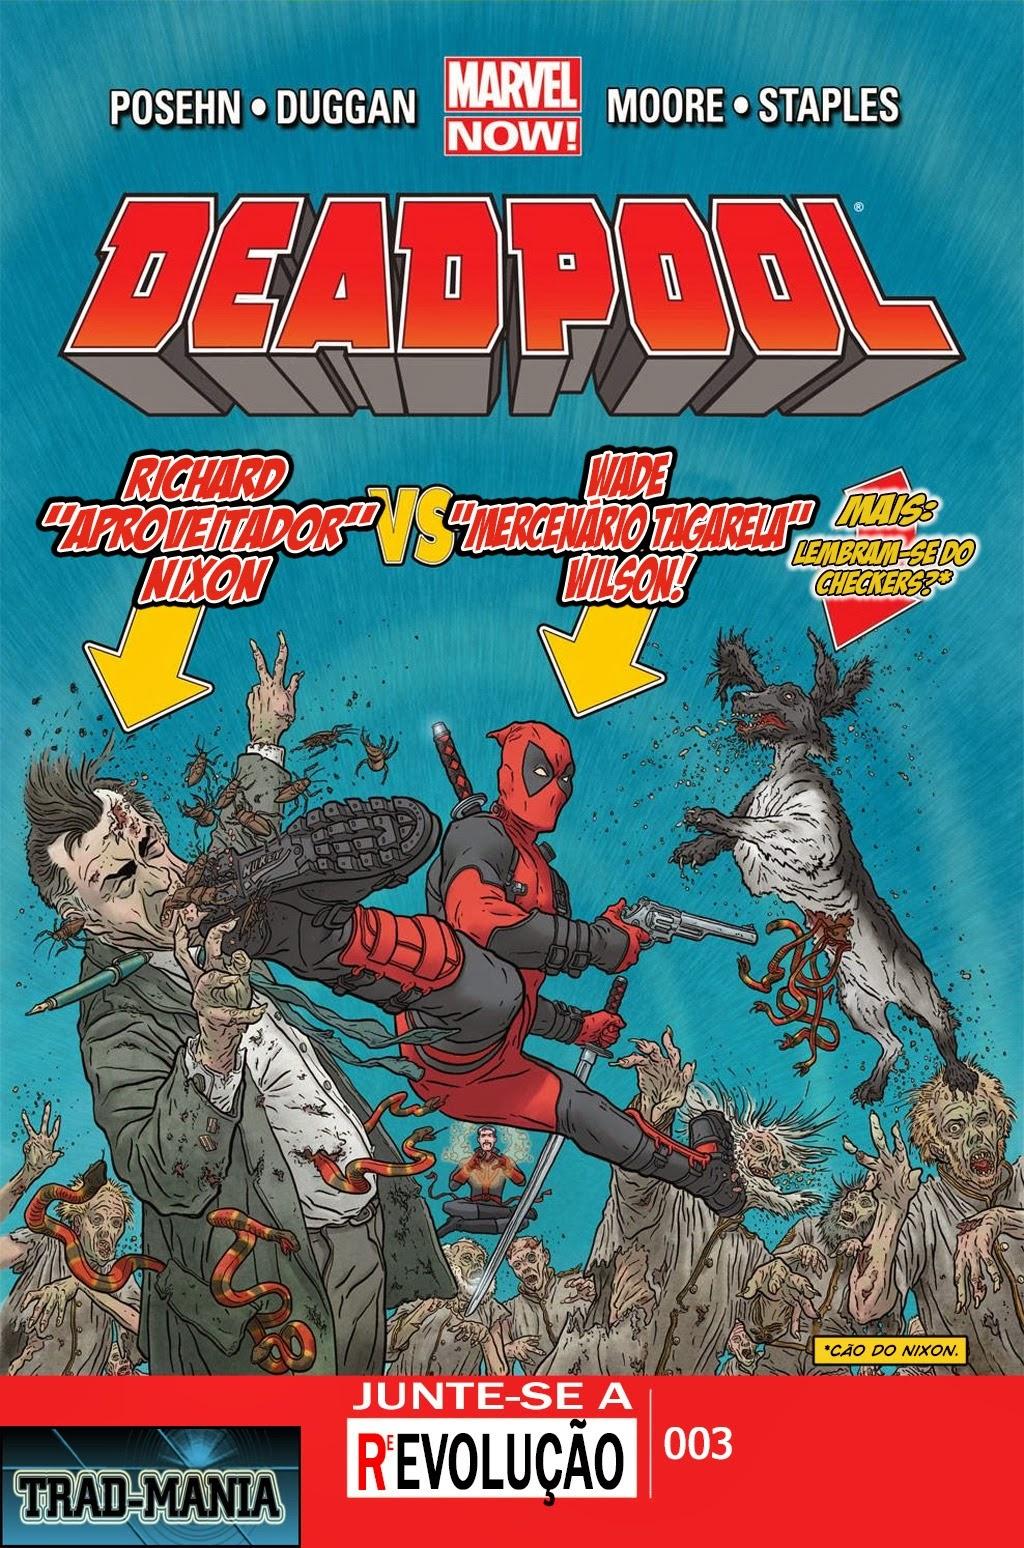 Nova Marvel! Deadpool v5 #3